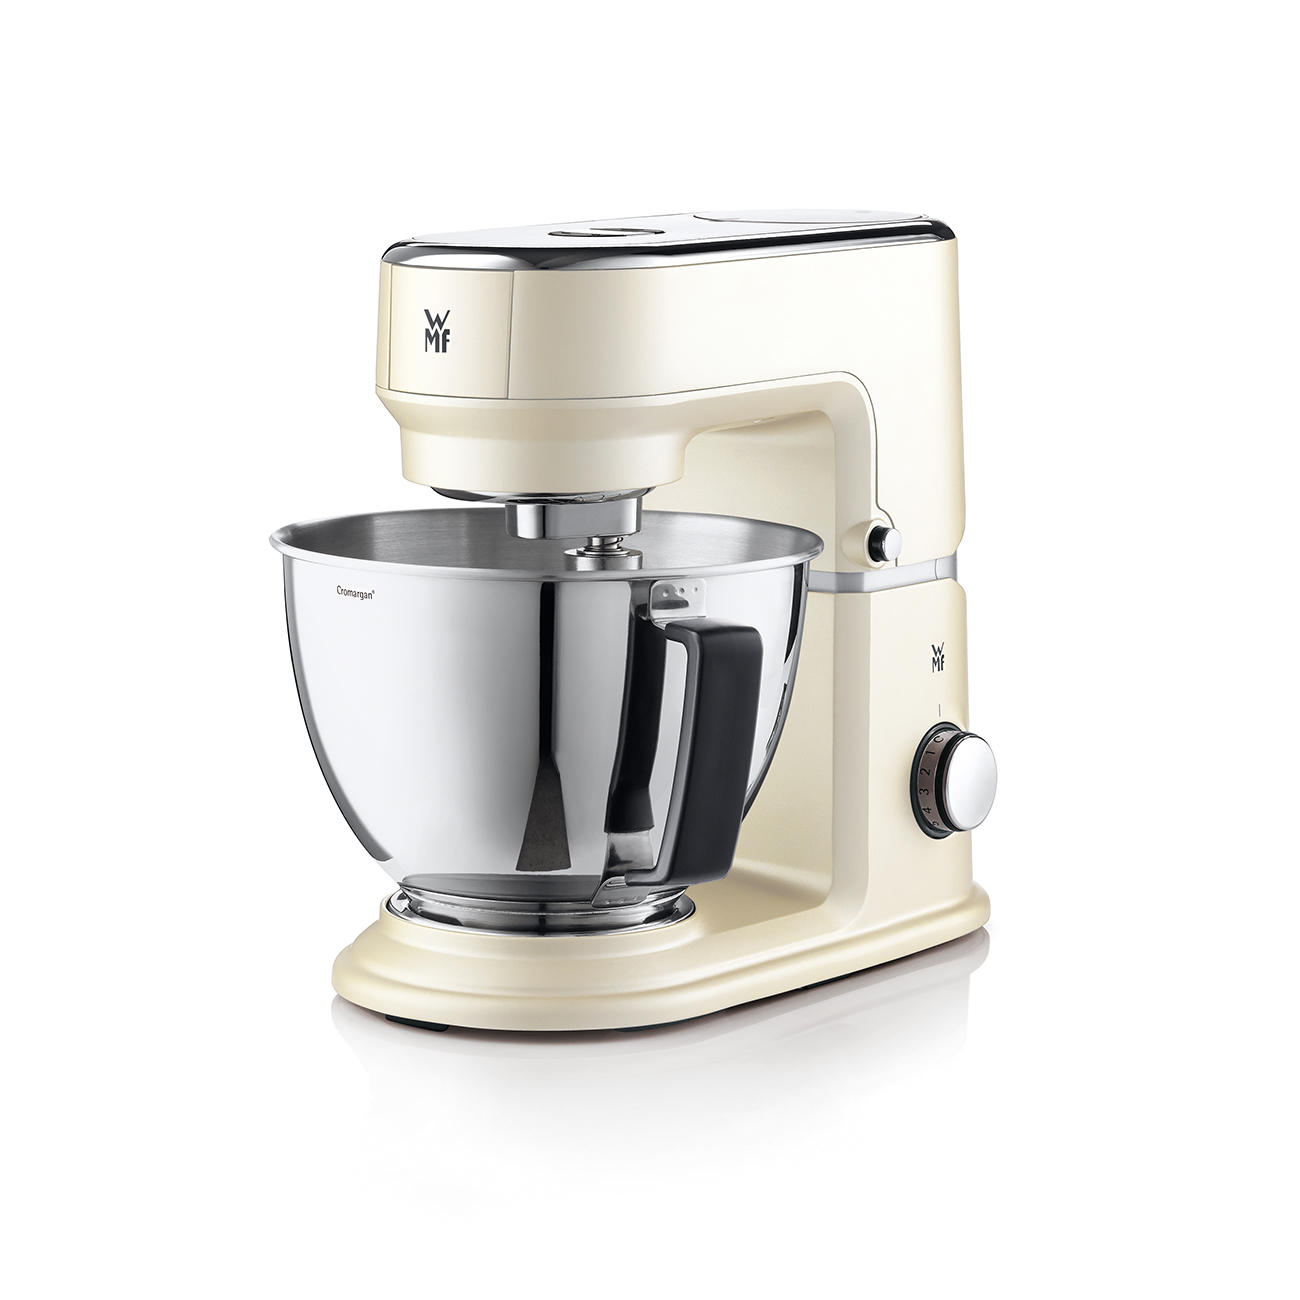 Wmf Küchenminis Küchenmaschine Mit 3 Jahren Garantie